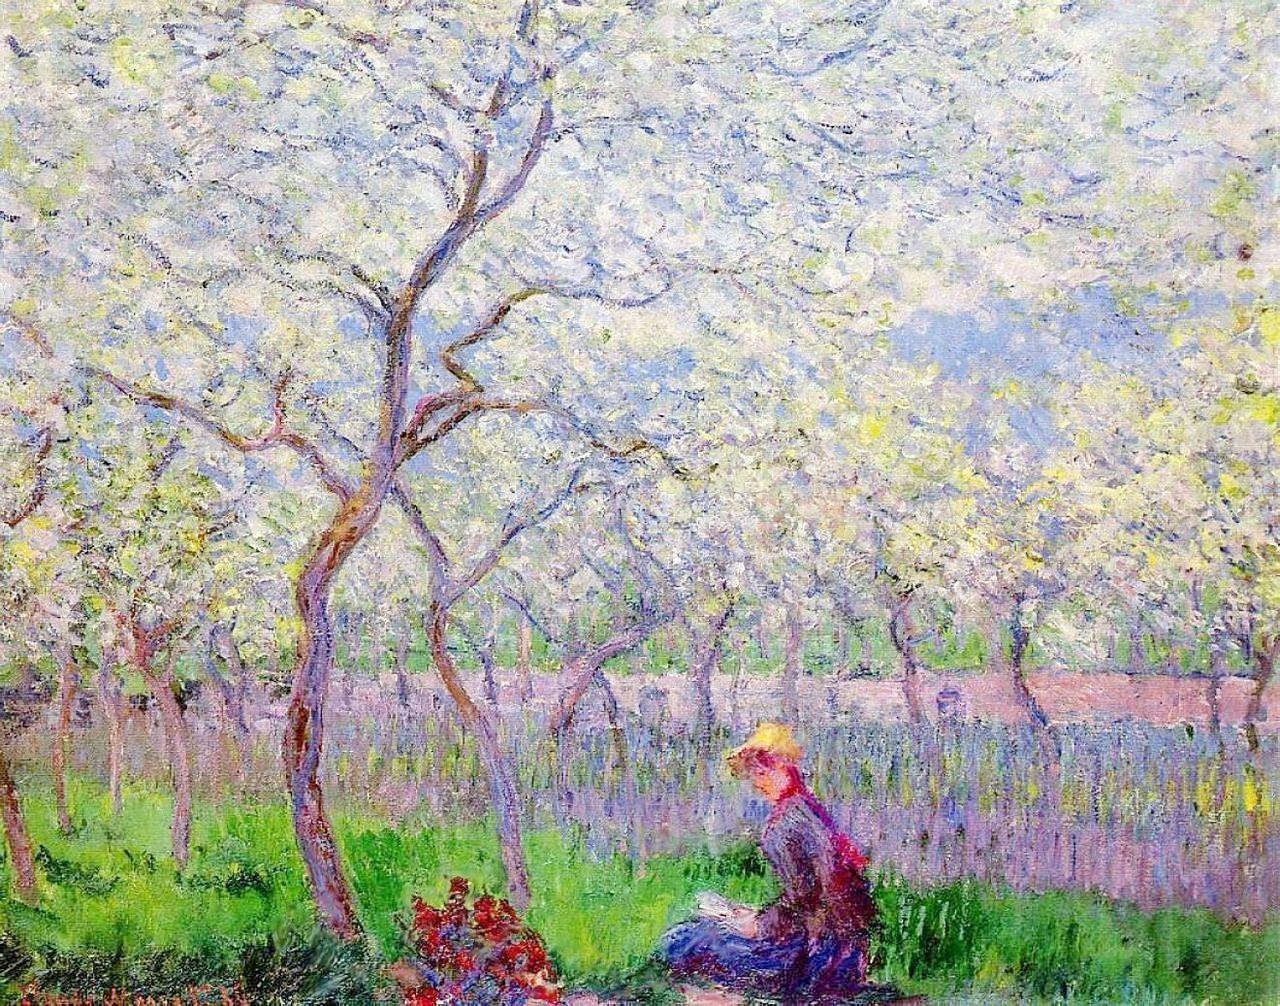 пейзаж < Сад Орхард весной >:: Клод Моне, описание картины - Claude Monet фото